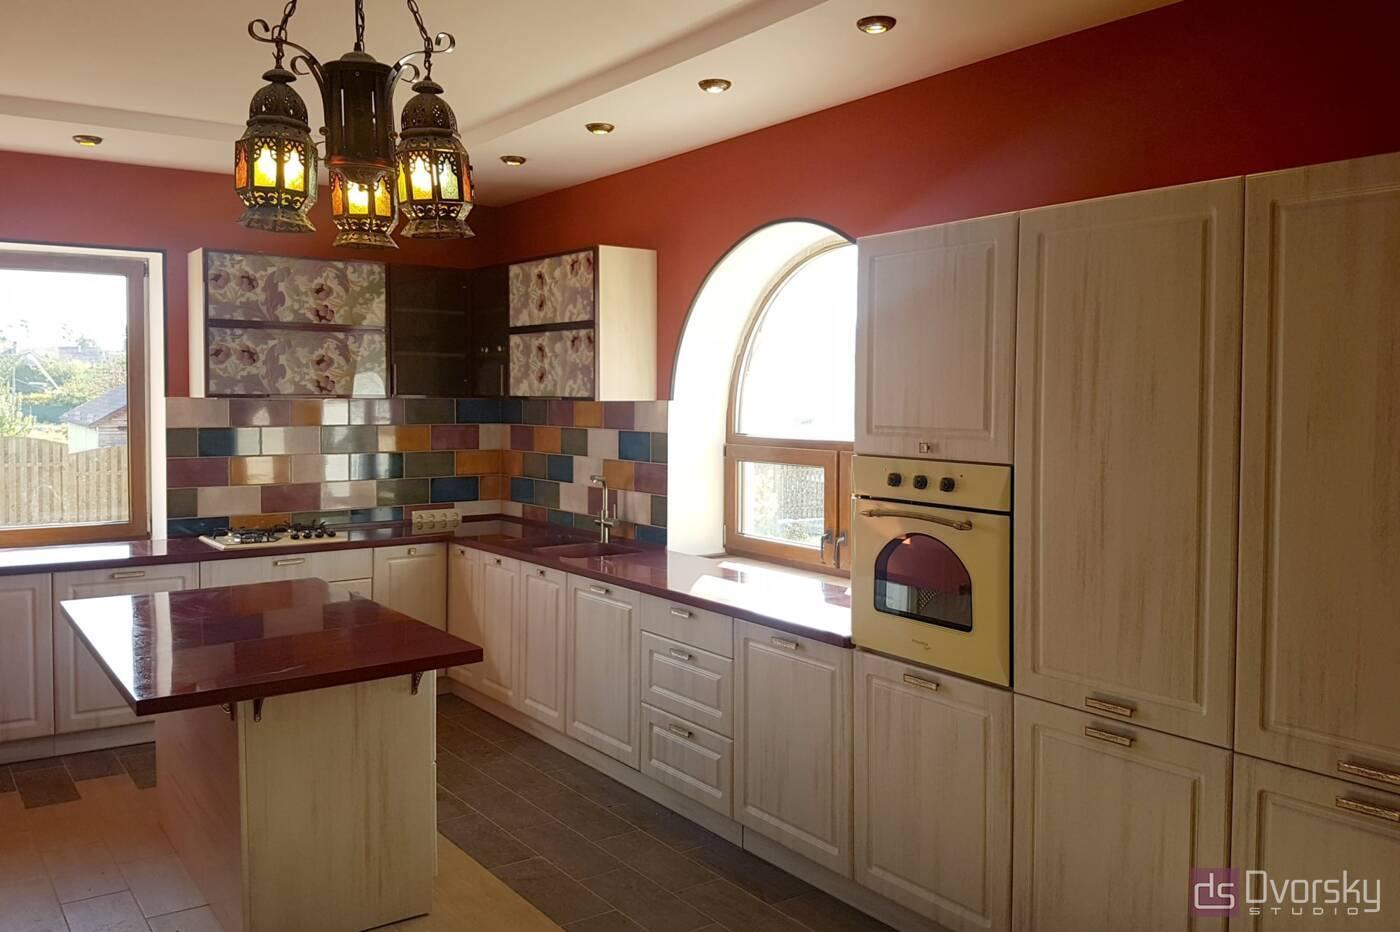 П - образні кухні Кухня в гранатових кольорах - Фото № 2